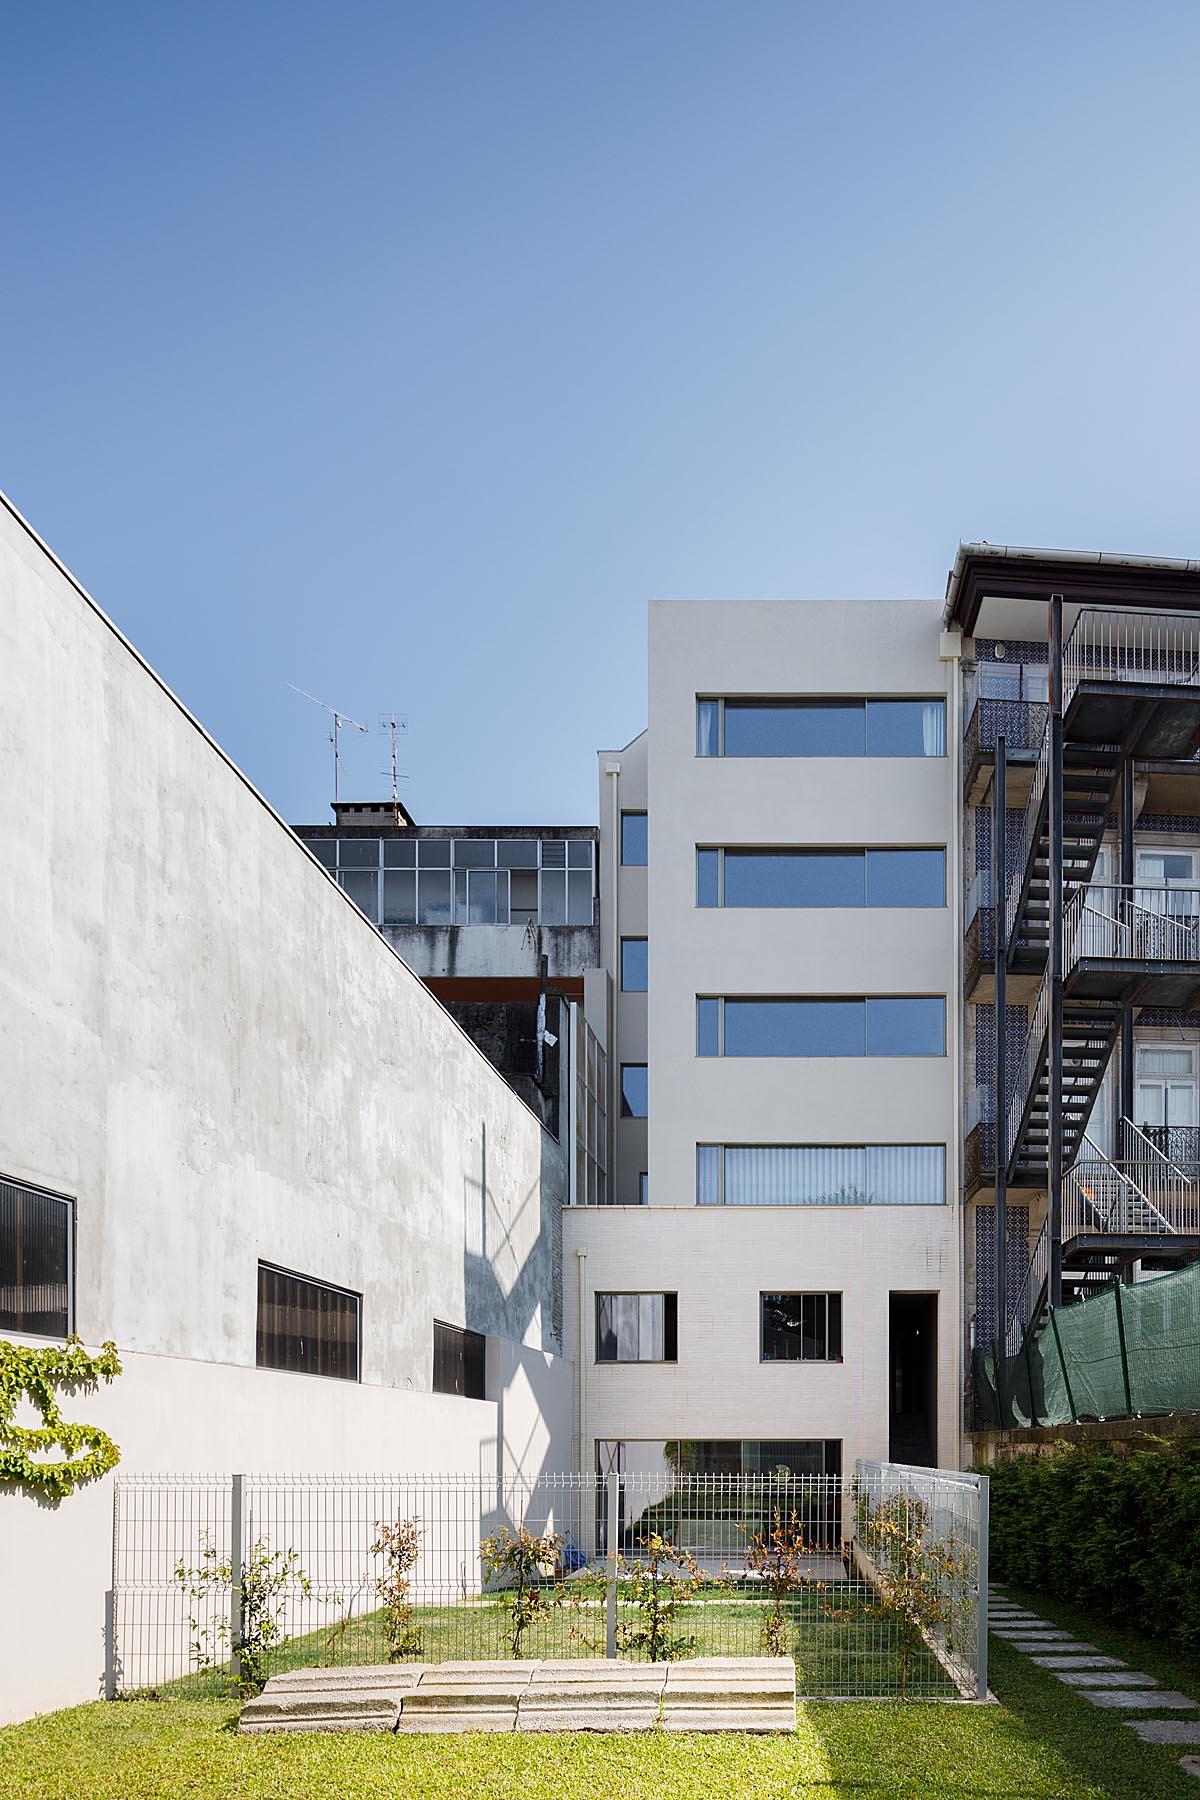 Edificio Miguel Bombarda II no Porto, da Arquitecta Paula Santos